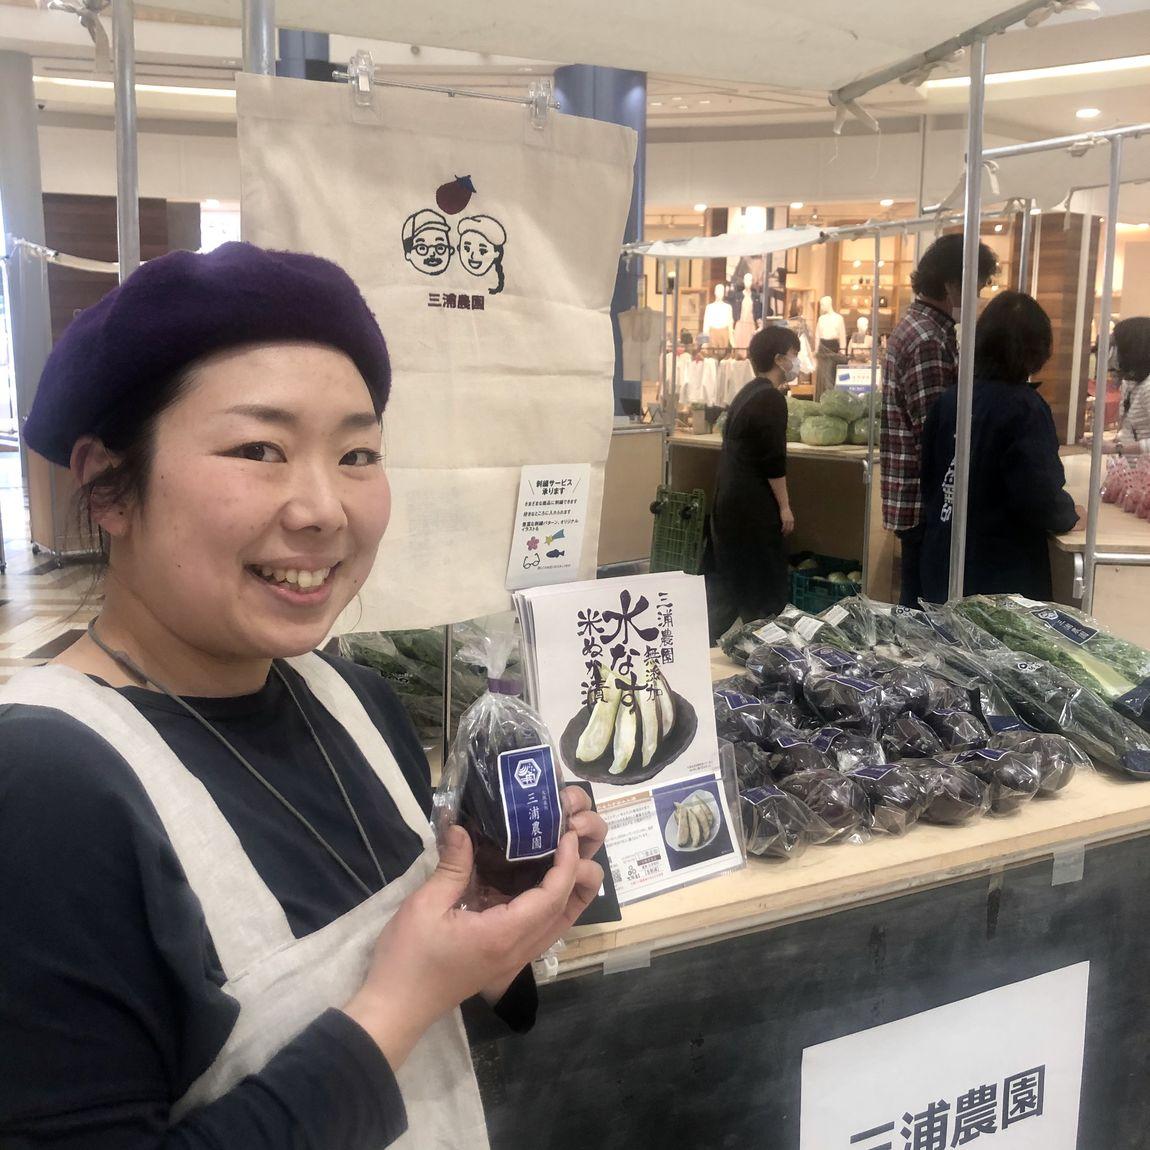 【堺北花田】3月20日・21日『周年市マルシェー生産者さんからありがとうー』を開催します